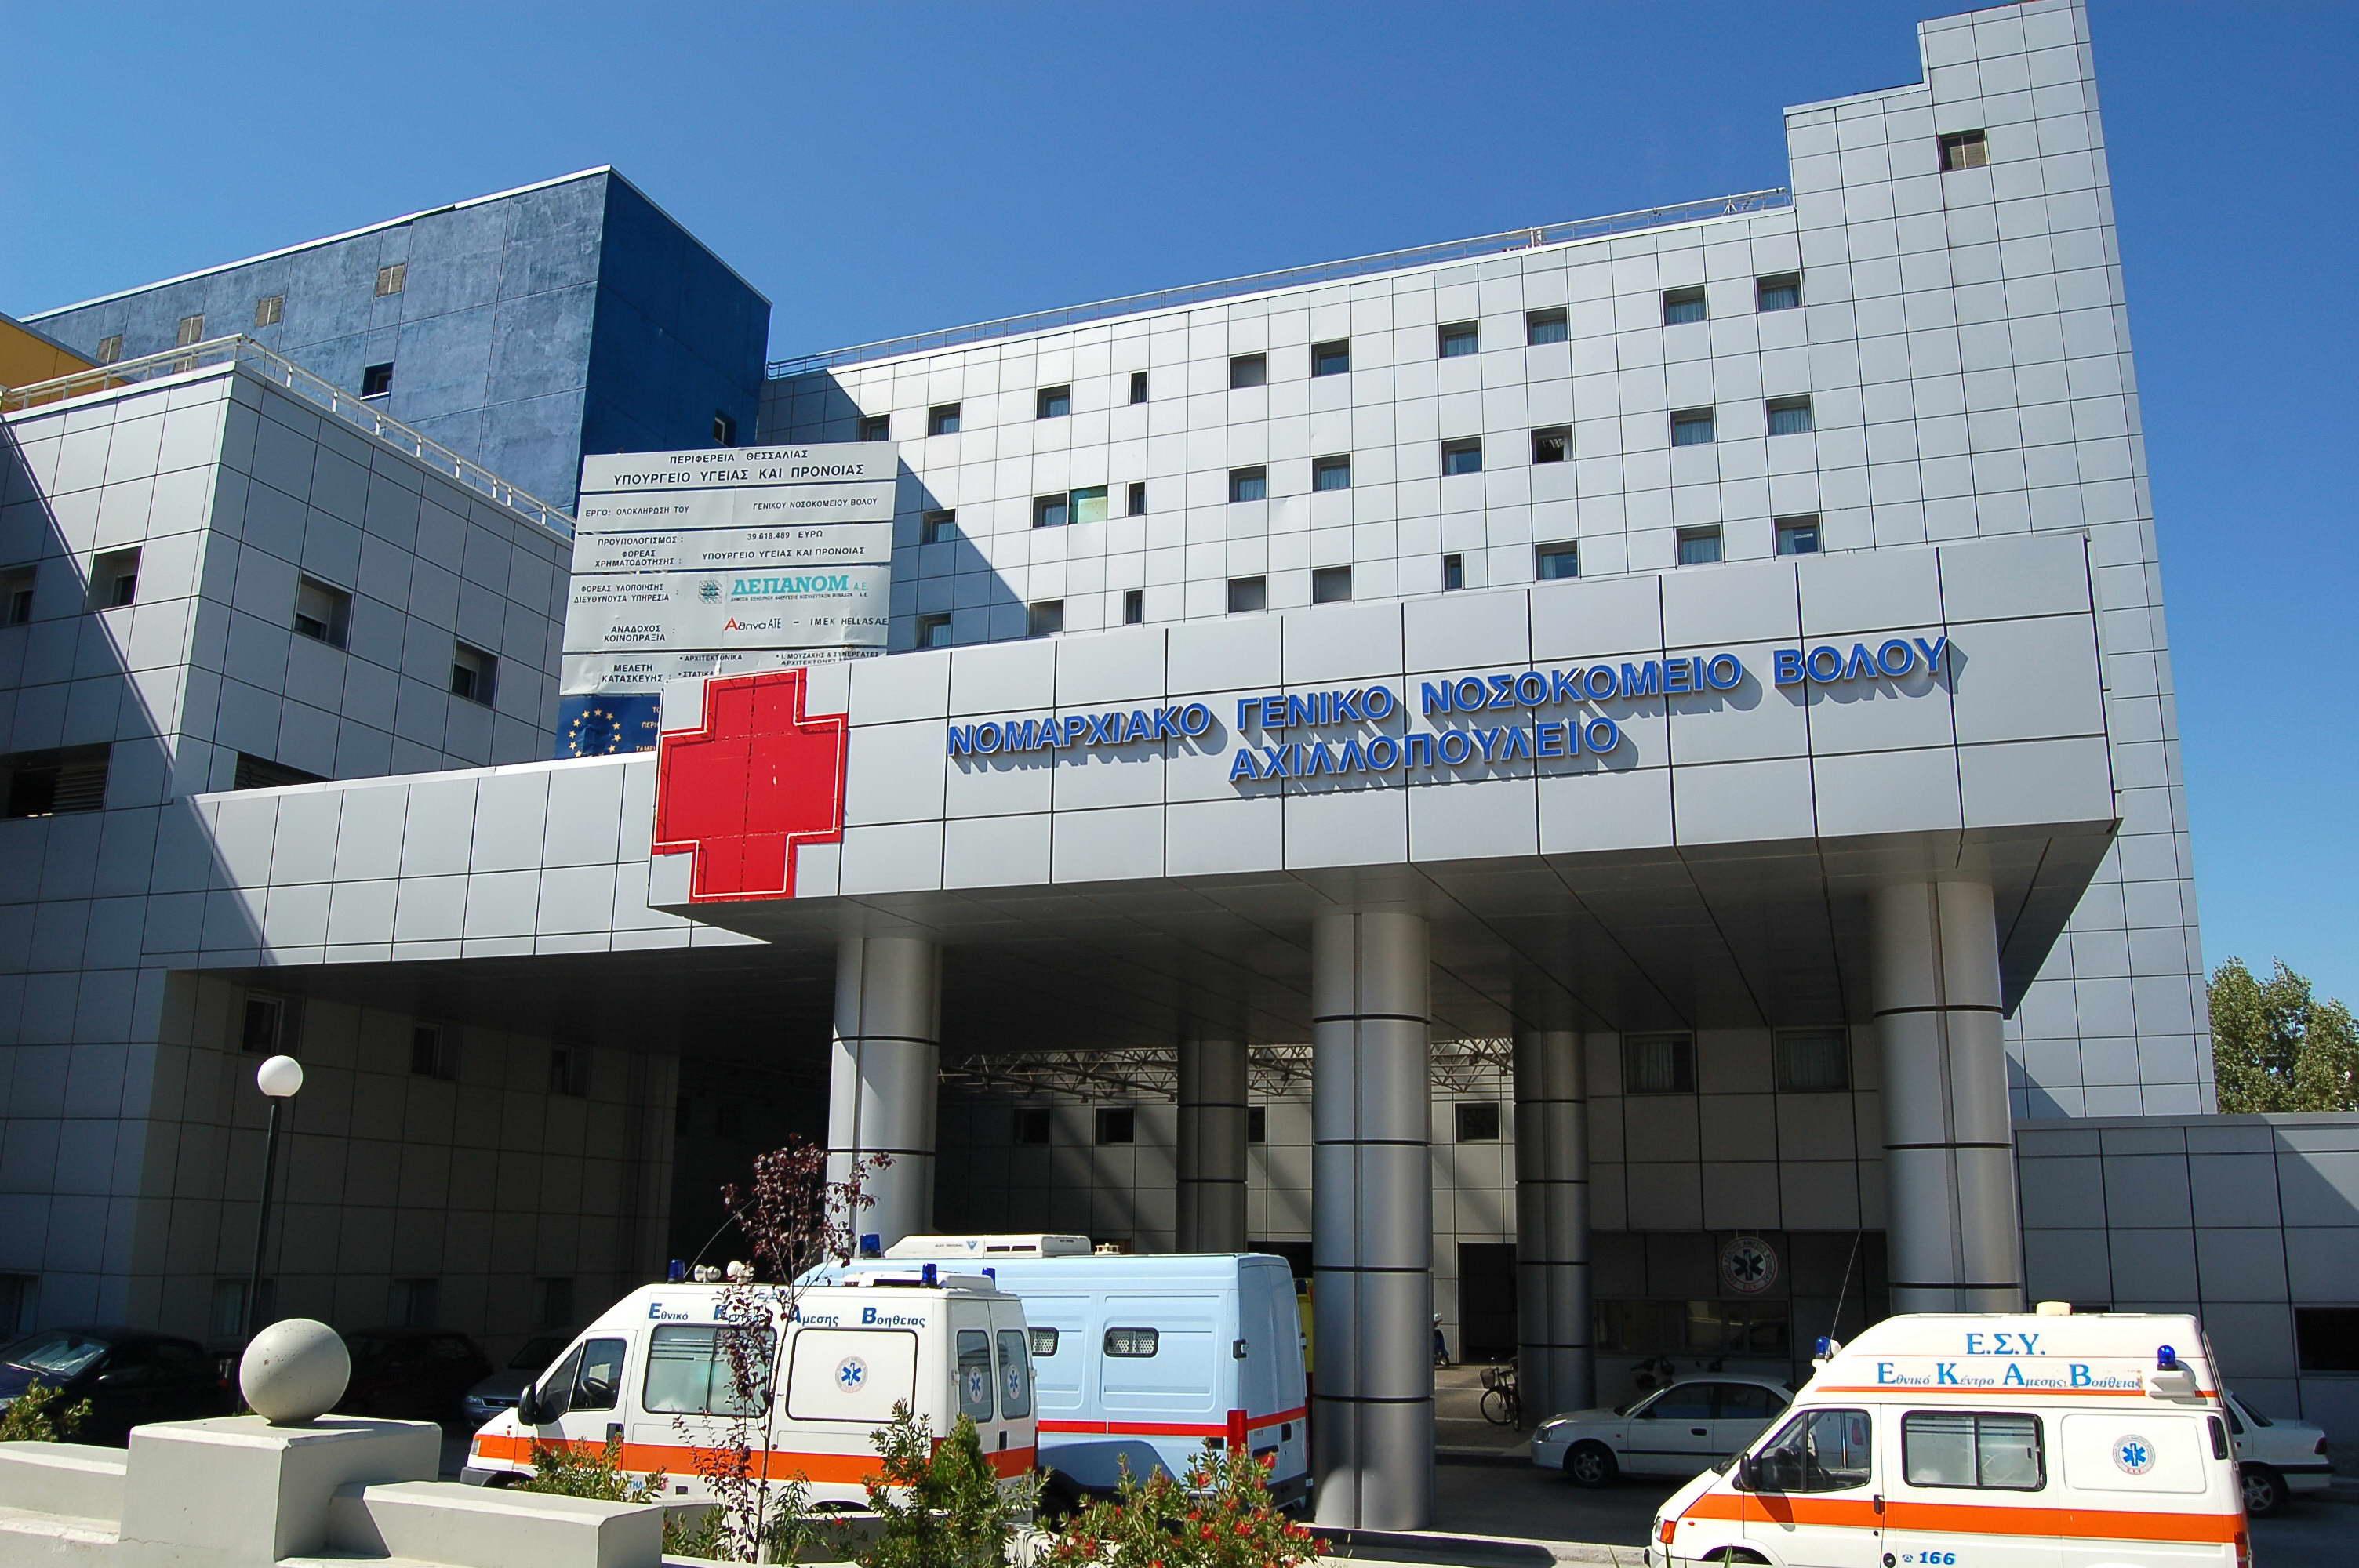 Αποτέλεσμα εικόνας για γενικο νοσοκομειο βολου